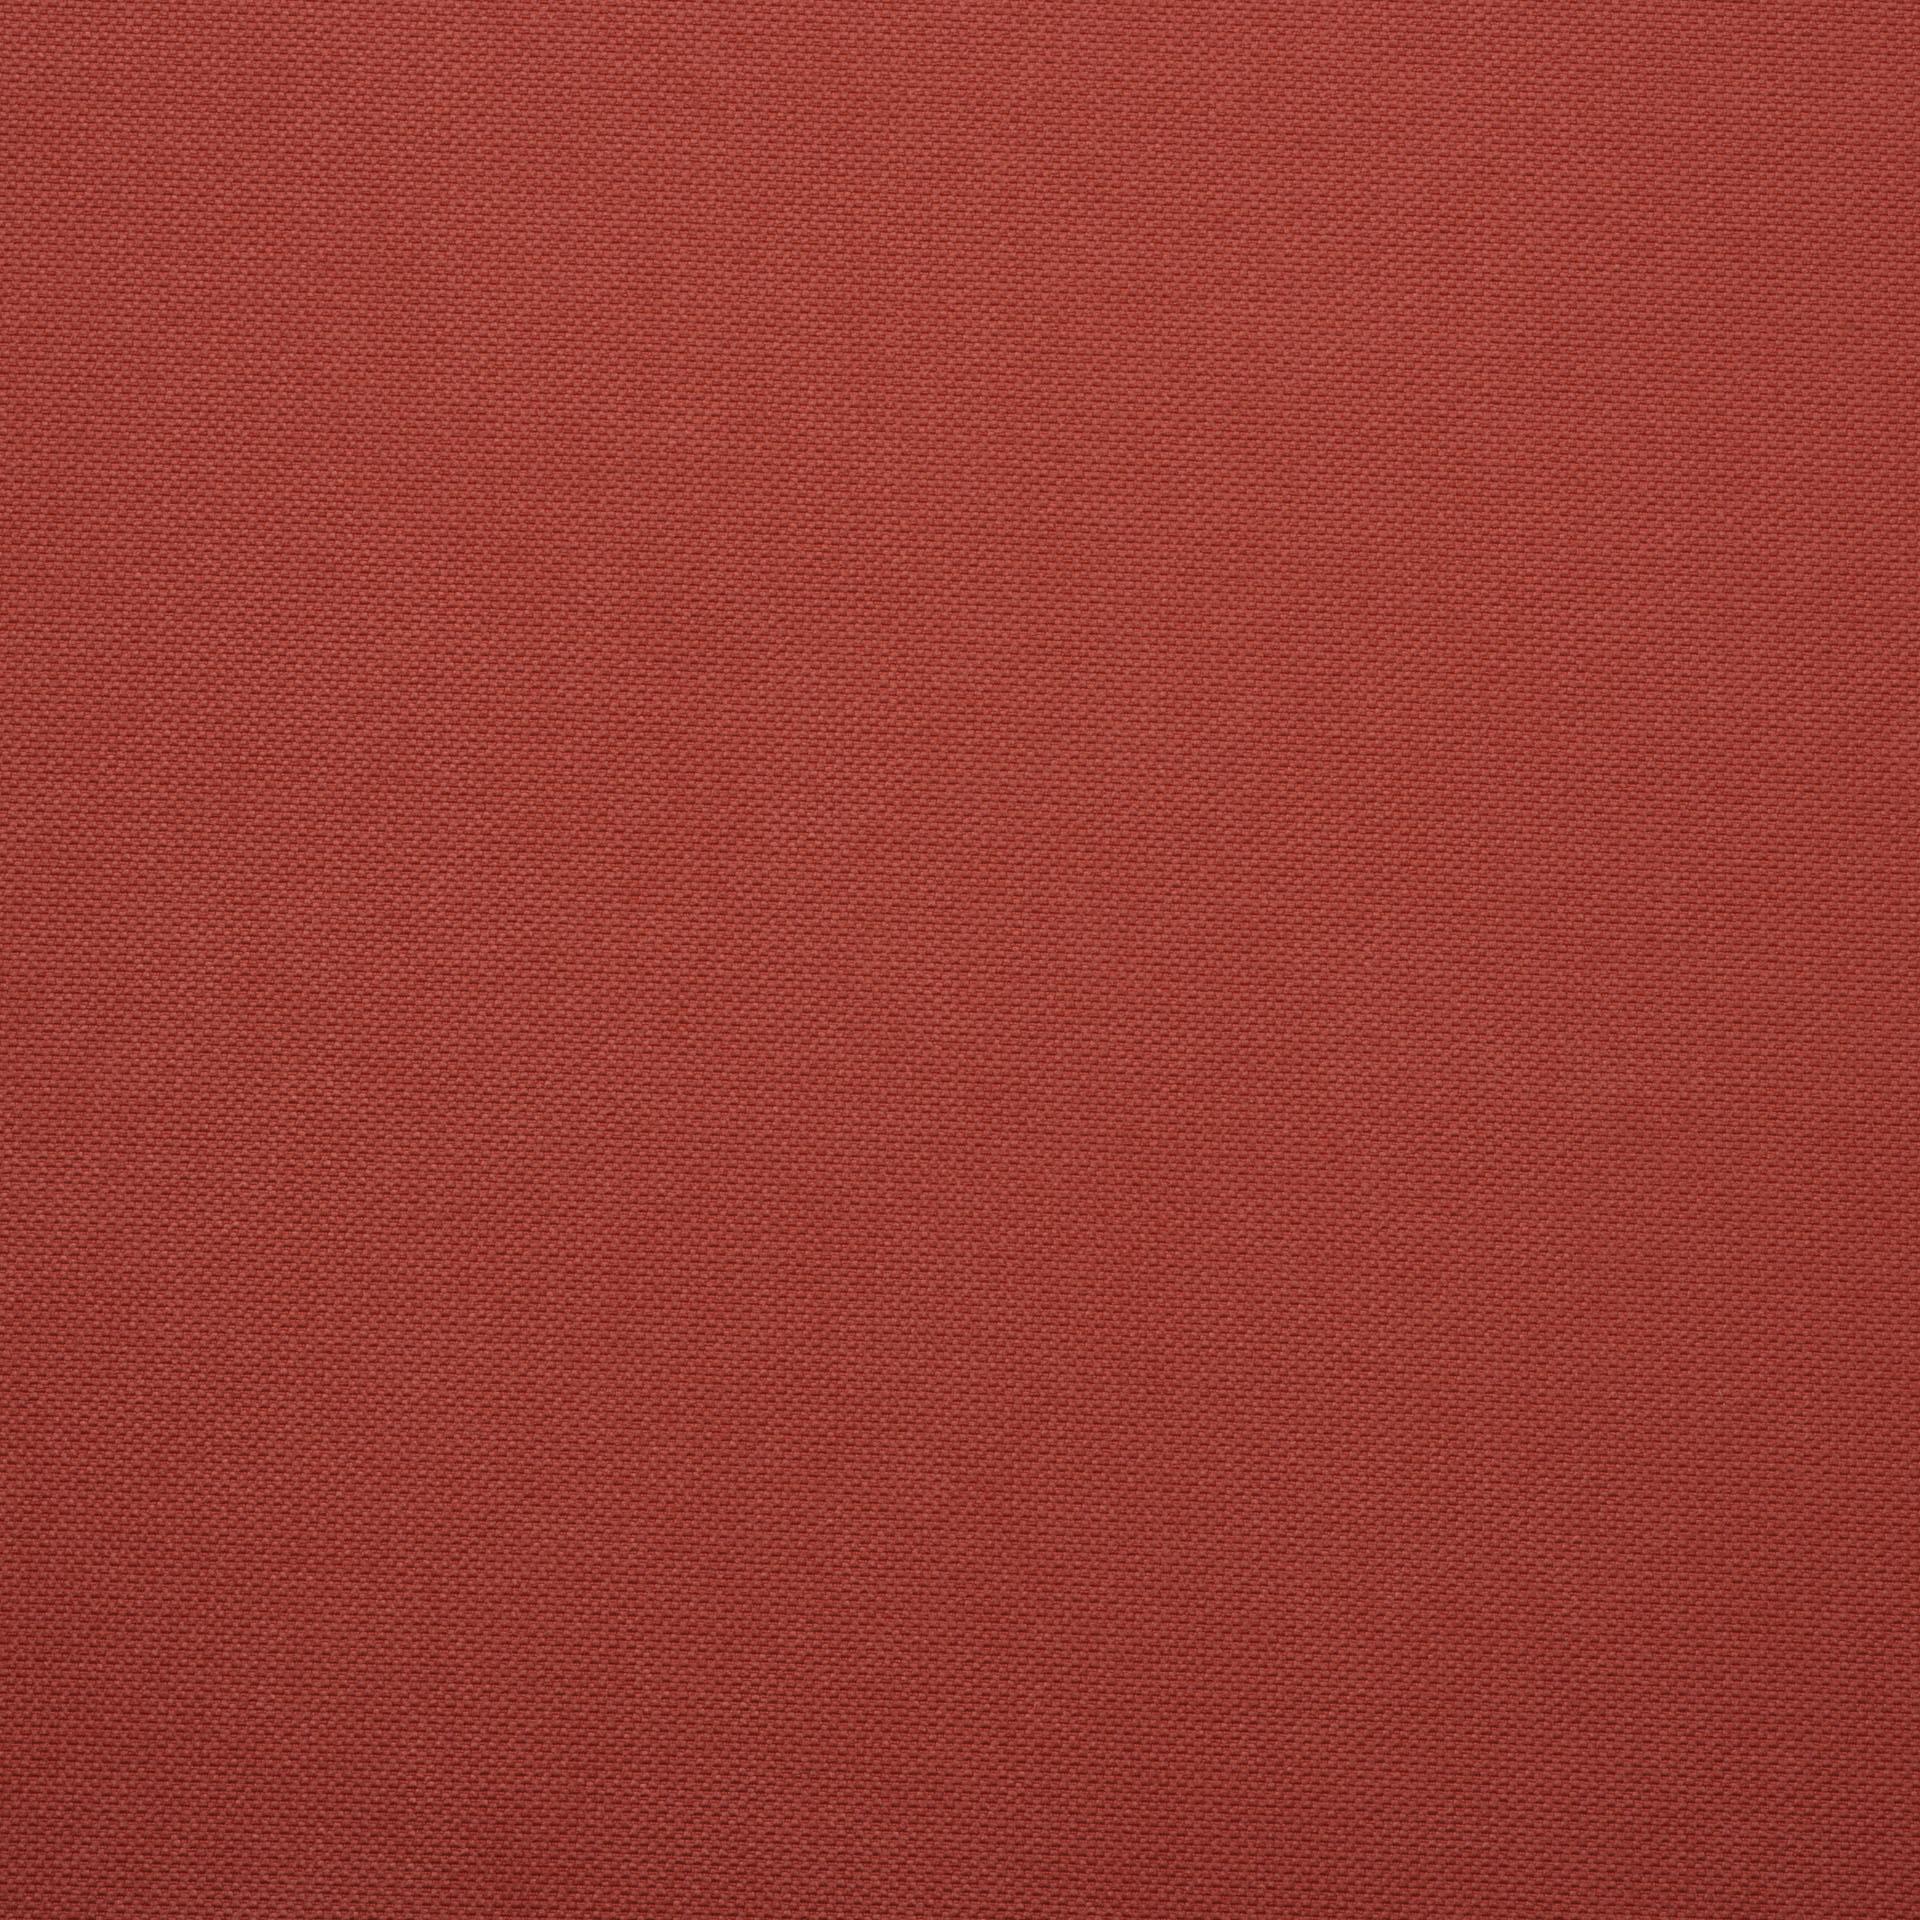 Коллекция ткани Стэнли 09 TANGERINE,  купить ткань Жаккард для мебели Украина